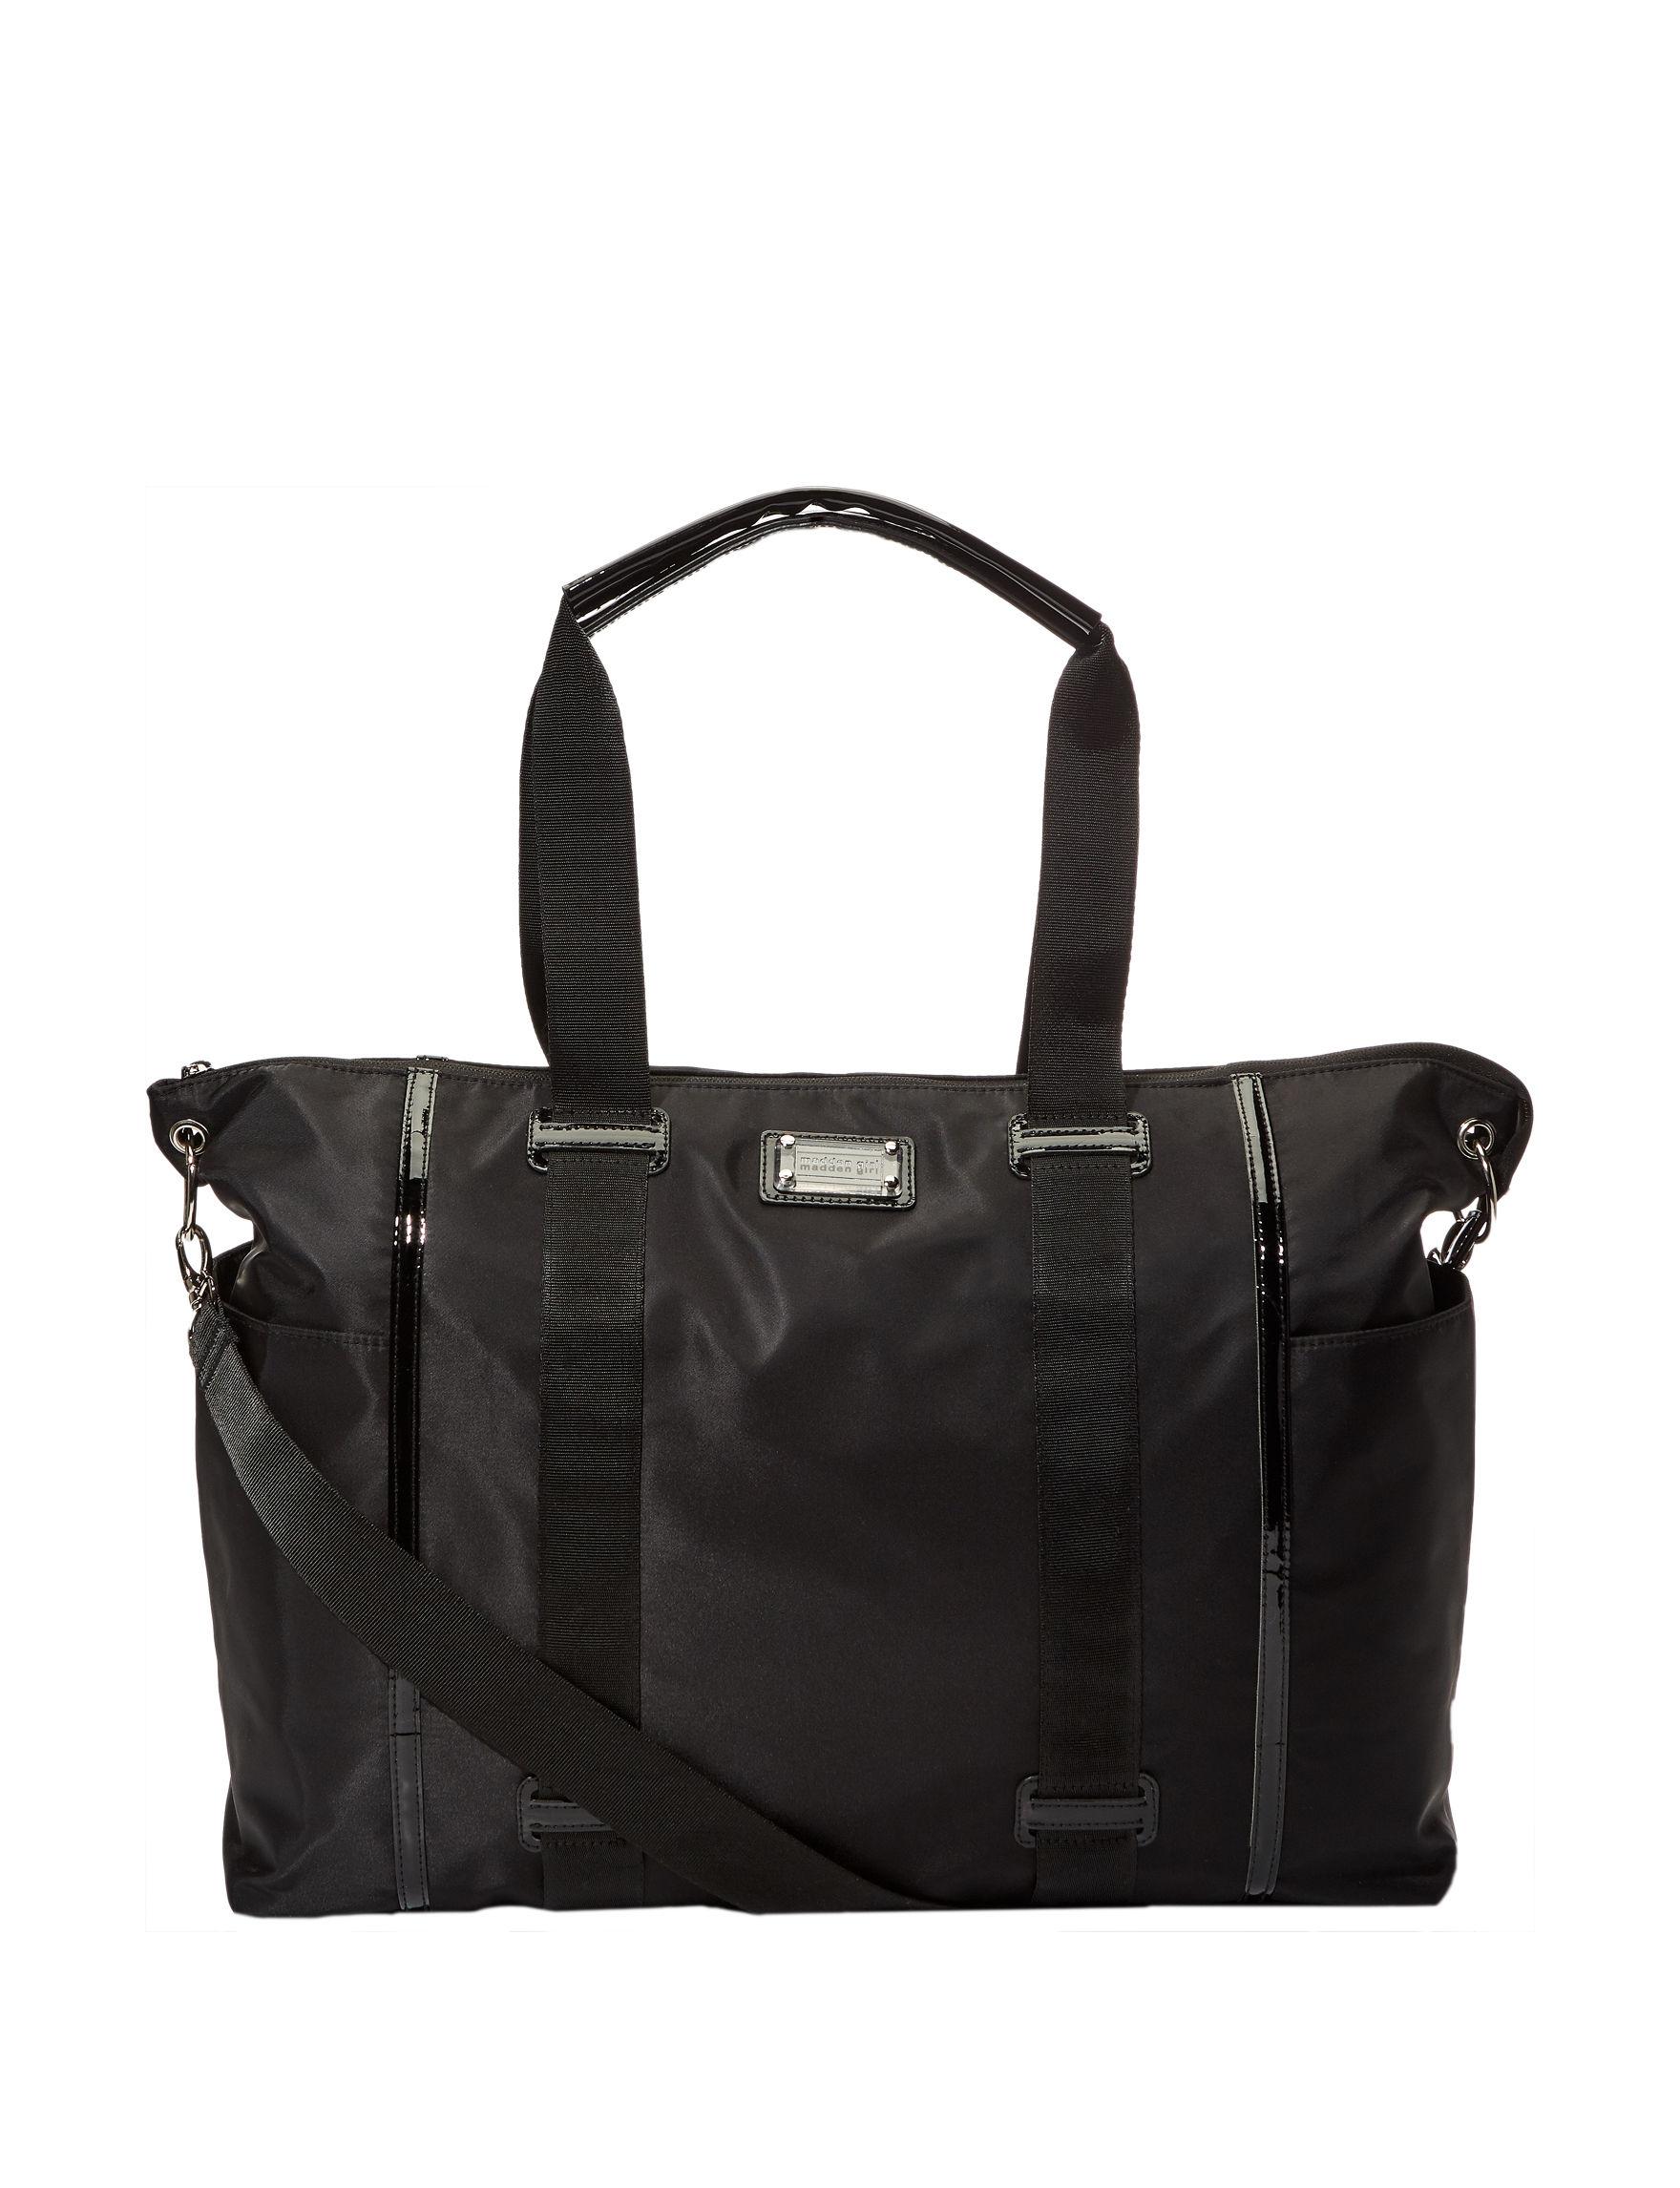 Madden Girl Black Weekend Bags